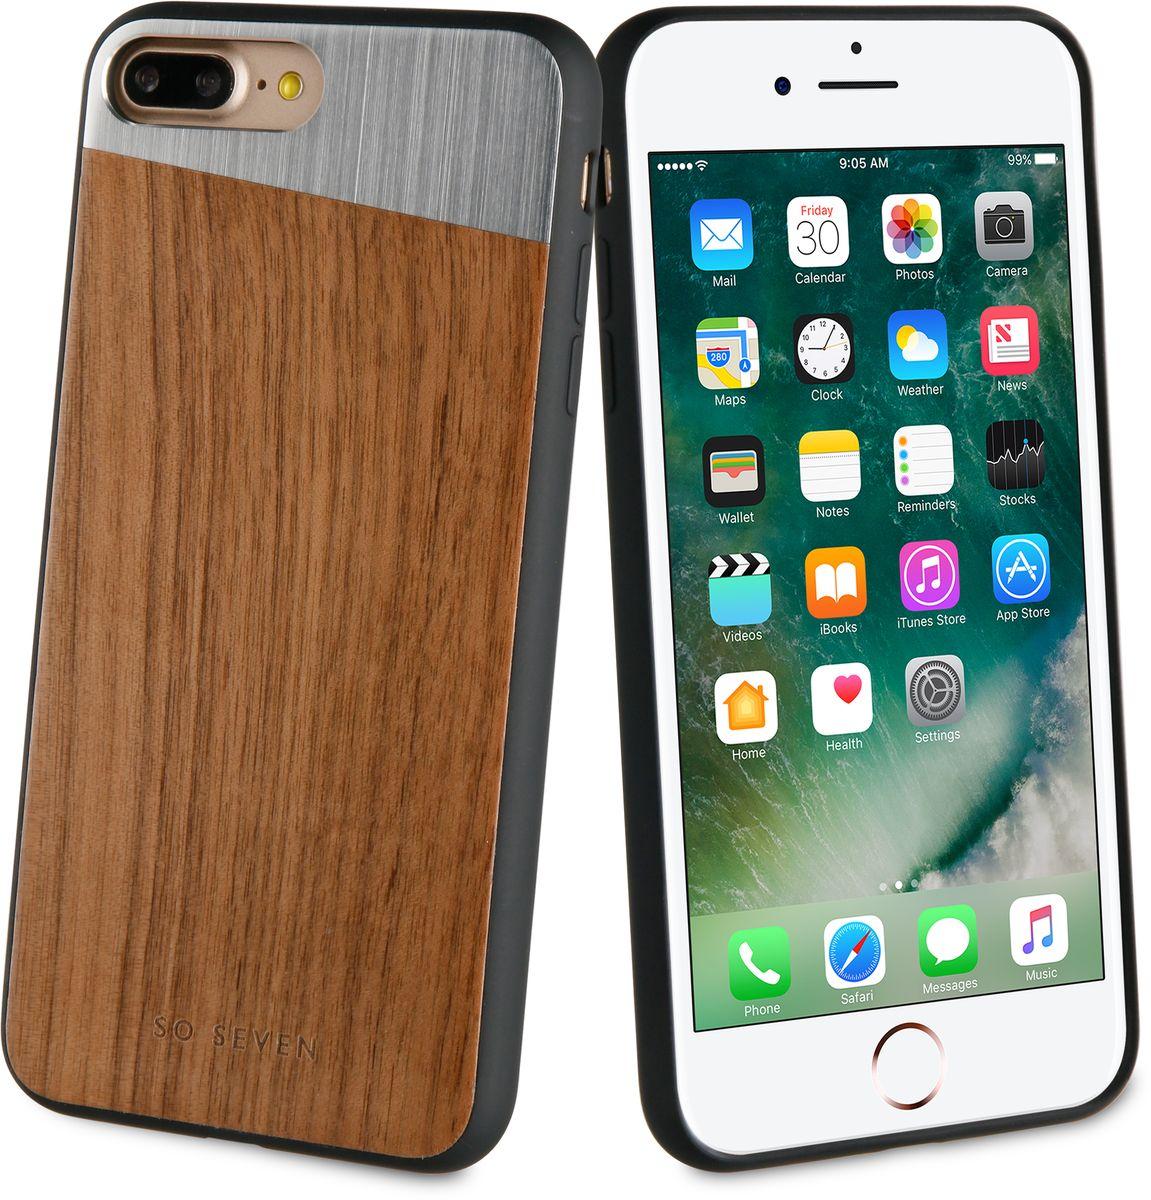 So Seven The Sulfurous чехол для Apple iPhone 7/8 Plus, Dark Wood MetalSVNCSMWSIP7PLUSЗащитный эффектный чехол-накладка, выполнен из полиуретана, металла и натурального дерева. Обеспечивает эффективную защиту Вашего устройства.Материал полиуретан Металл + натуральное дерево Противоударный